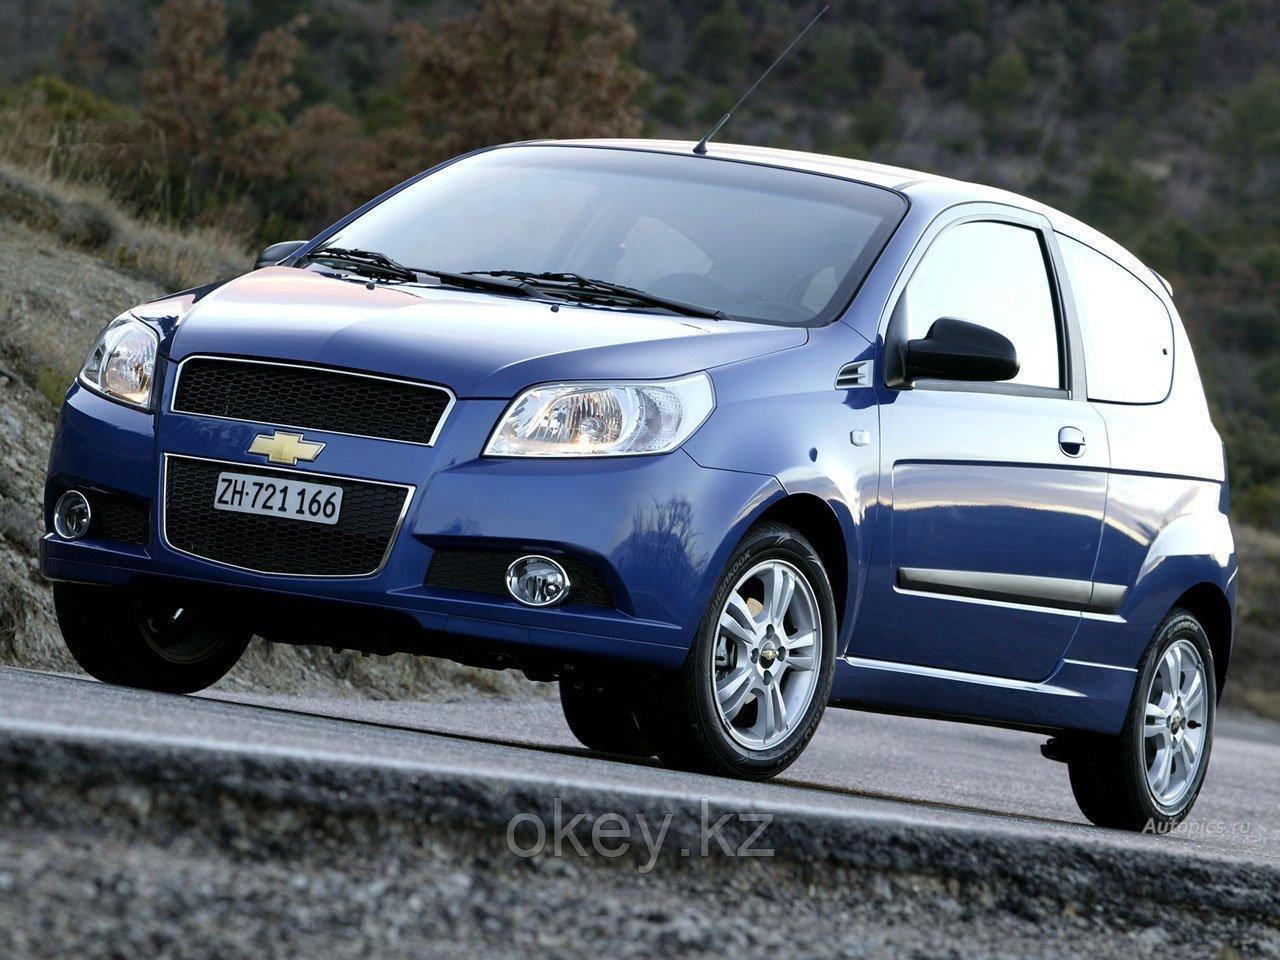 Тормозные колодки Kötl 3330KT для Chevrolet Aveo I хэтчбек (T250, T255) 1.2 LPG, 2008-2011 года выпуска.